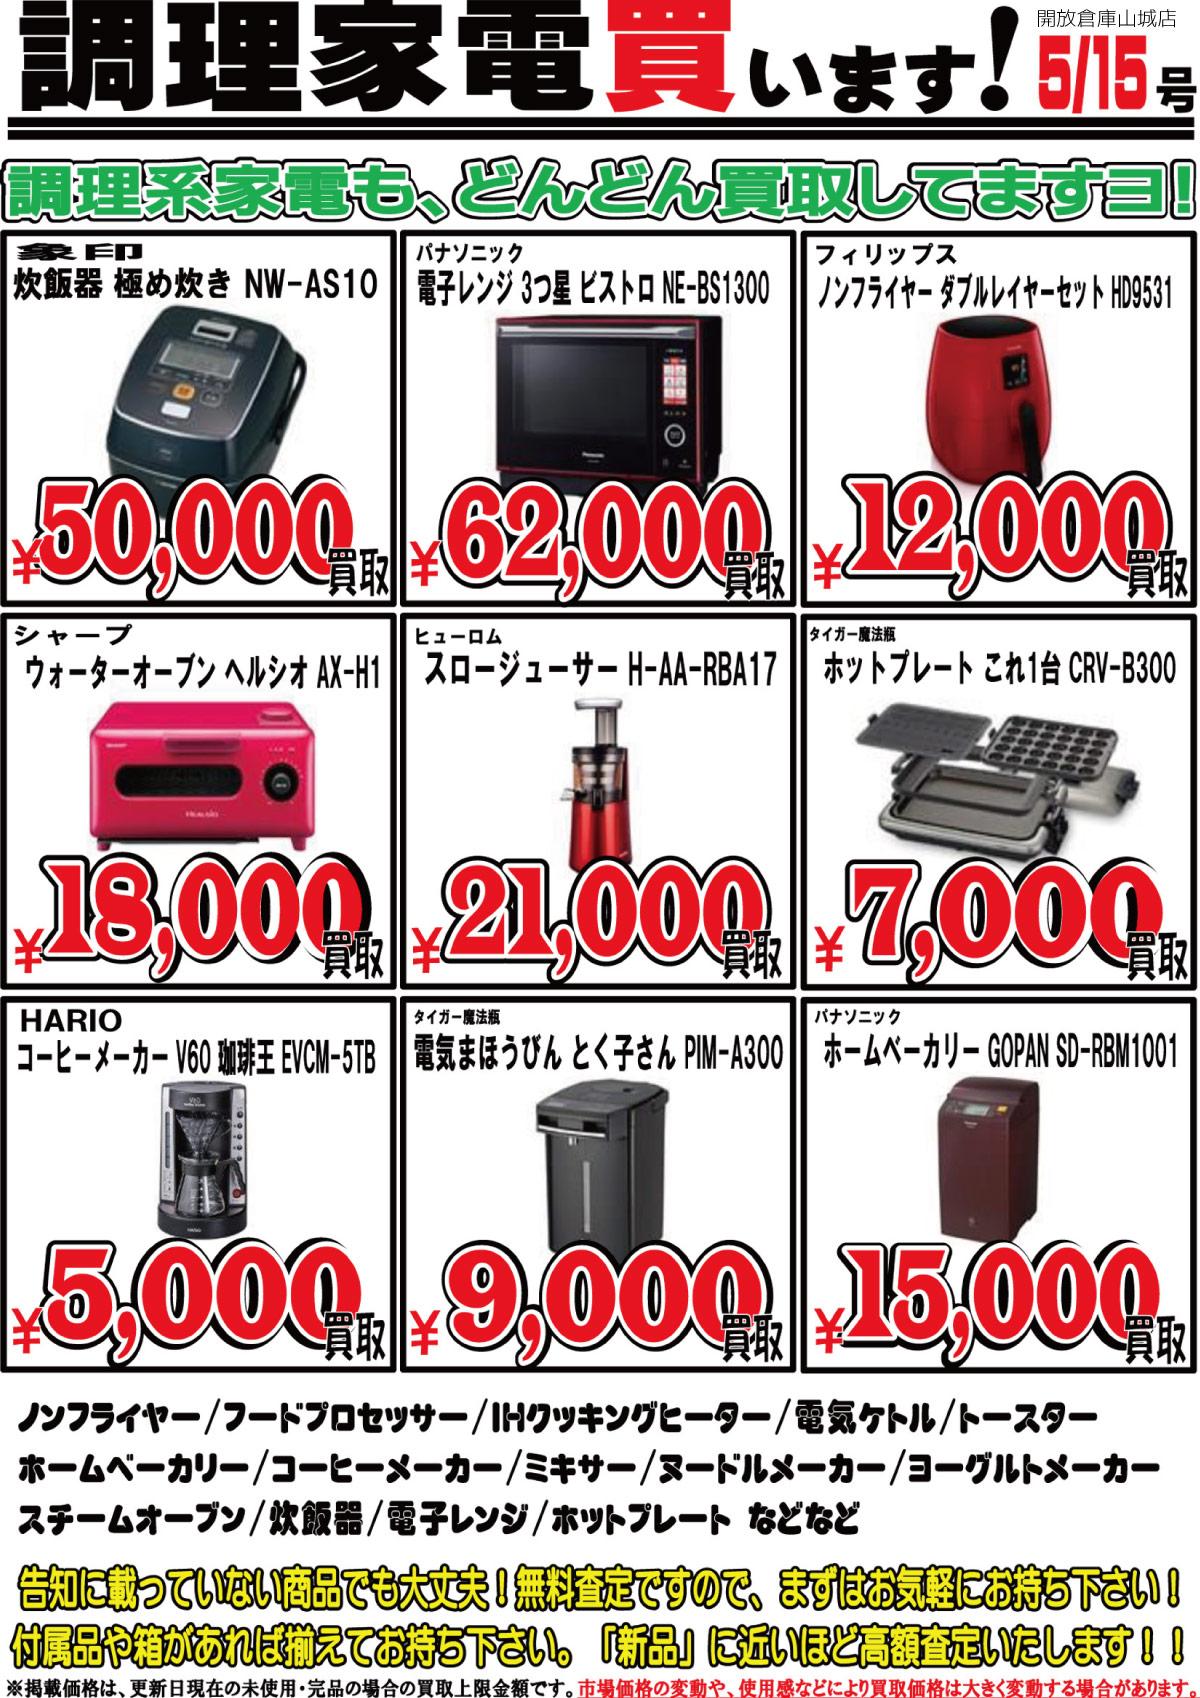 「開放倉庫山城店」調理家電買います!調理券家電も、どんどん買取してますヨ!(2017.05.15)